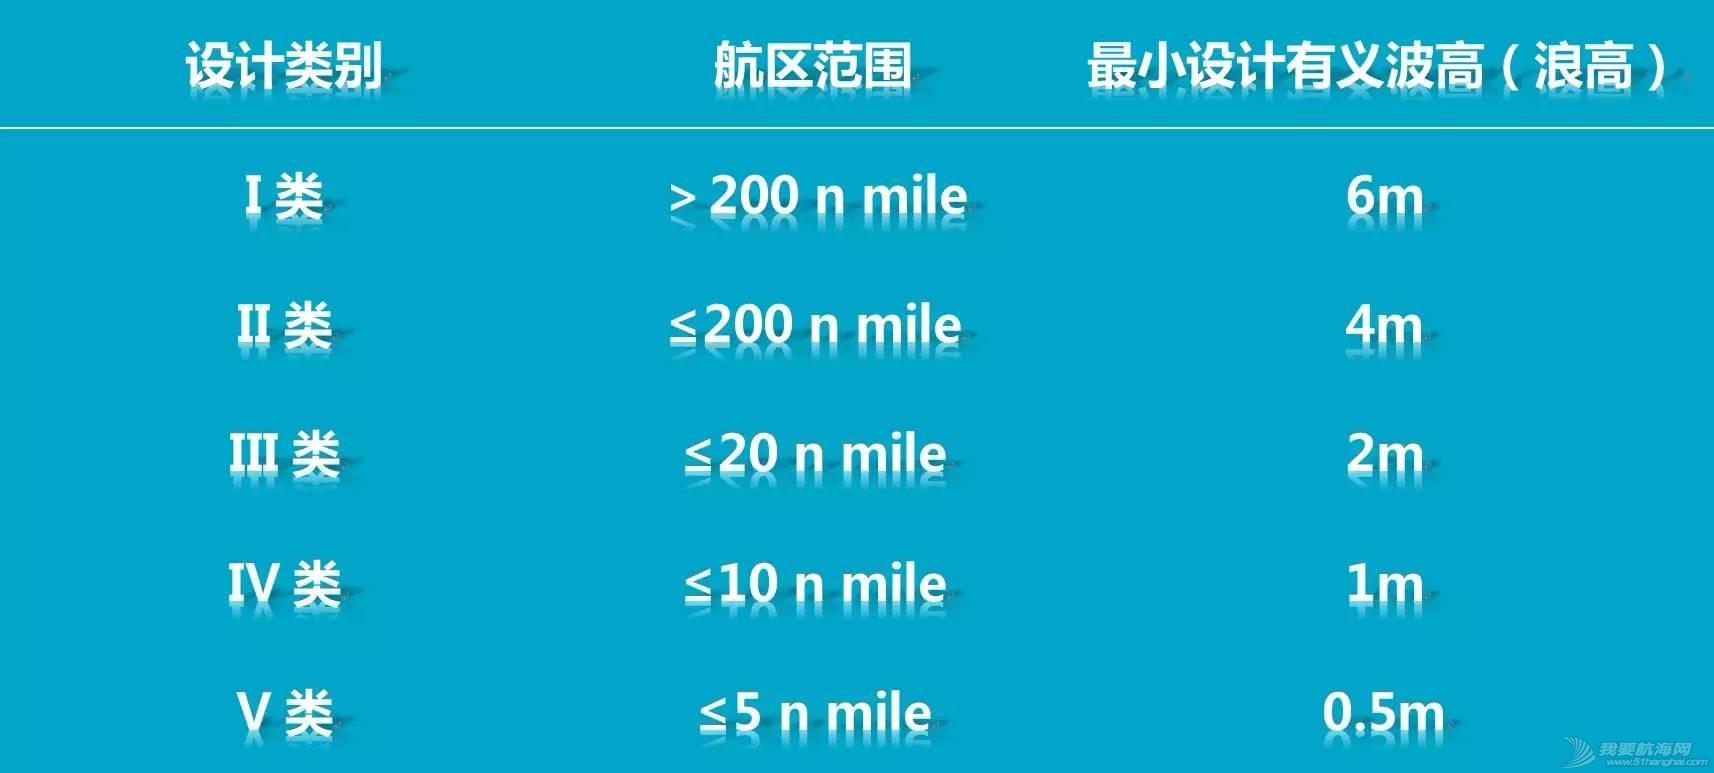 中国船级社,爱好者,朋友,驾照,国际 【科普】游艇设计类别与游艇驾照 fdc2d4cd8a6c8f56c2939a4c40381322.jpg